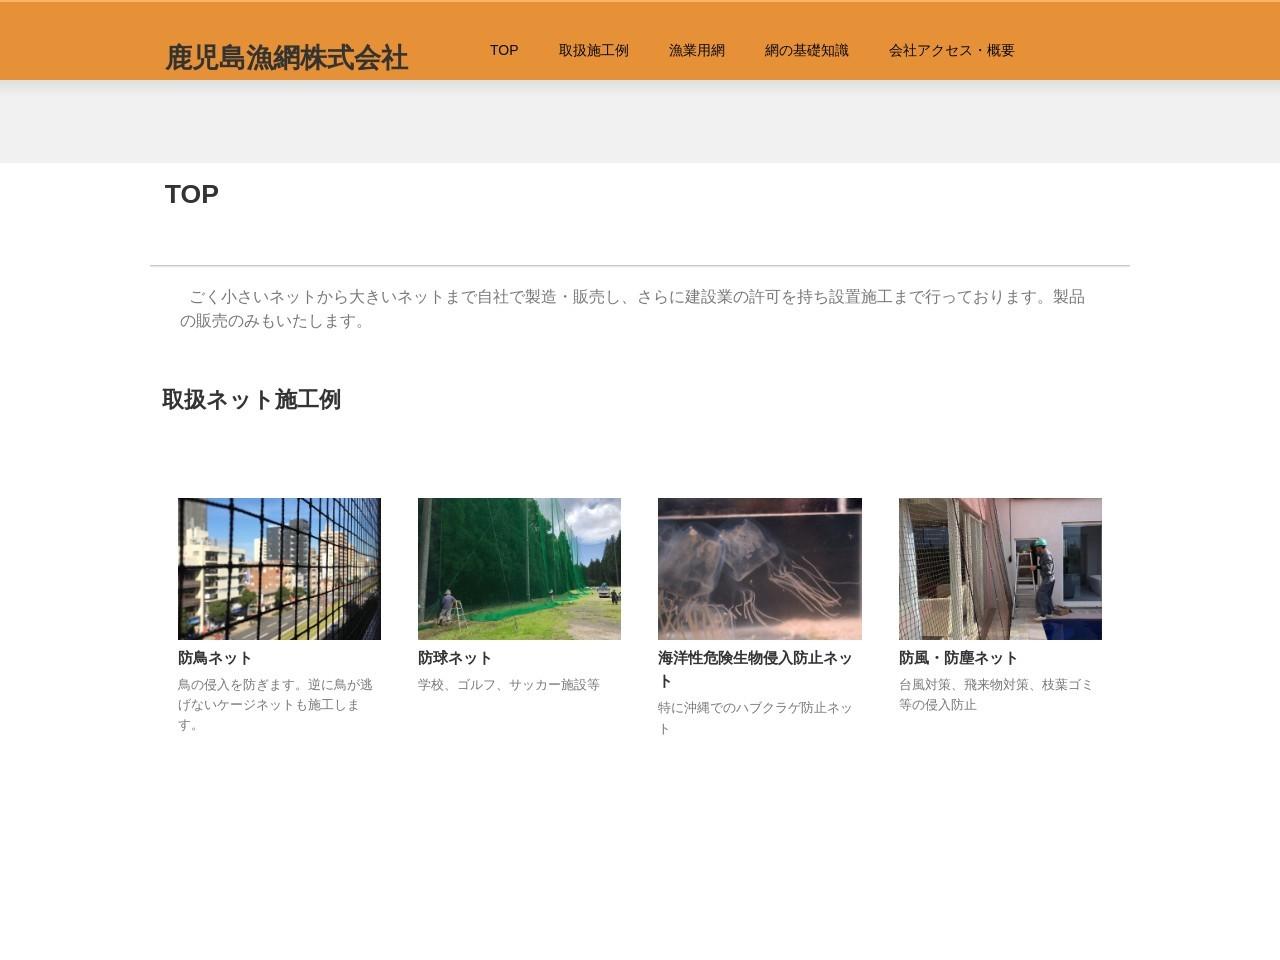 鹿児島漁網株式会社